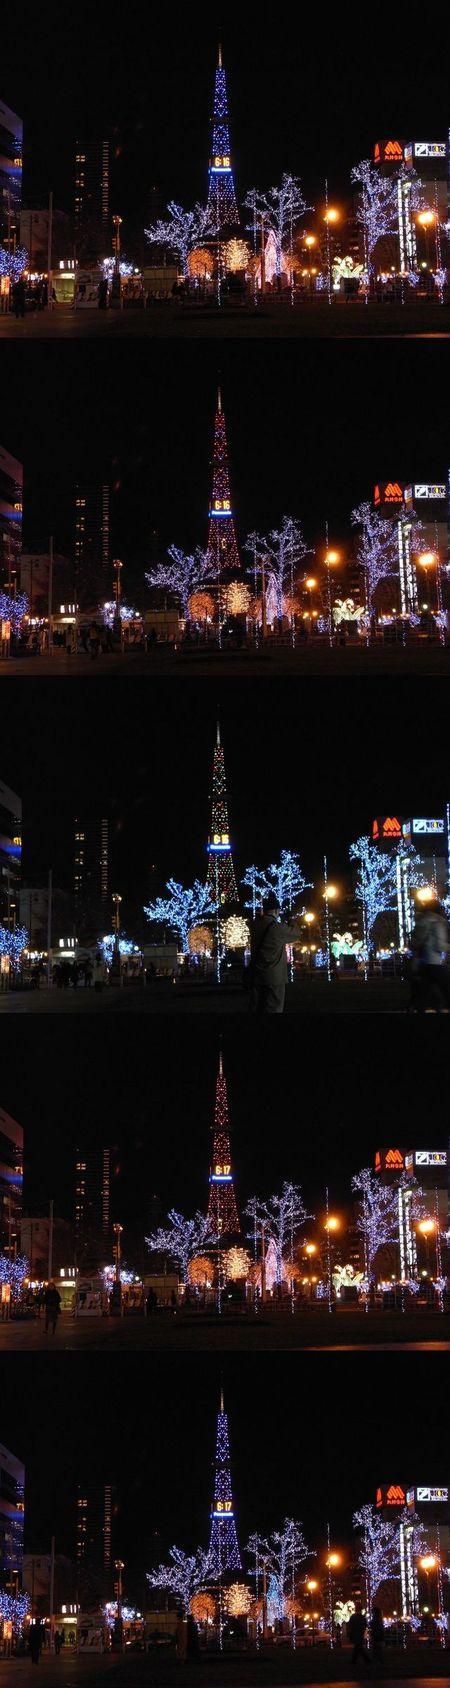 大通公園のイルミネーション_c0025115_20445361.jpg